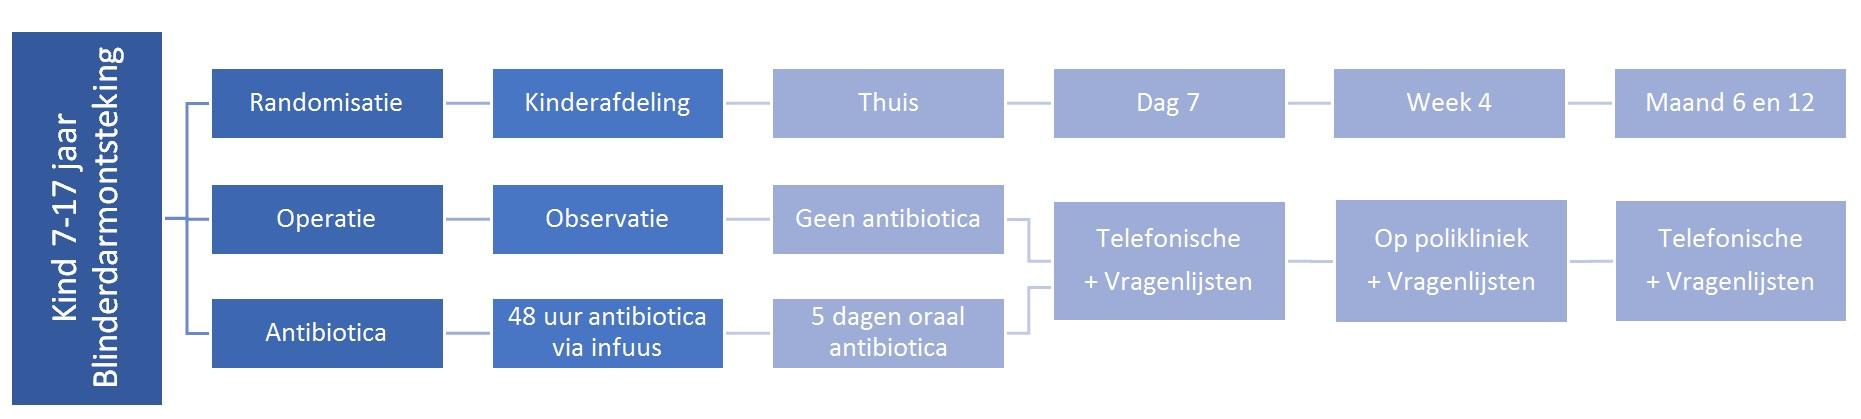 Stroomdiagram | APAC trial